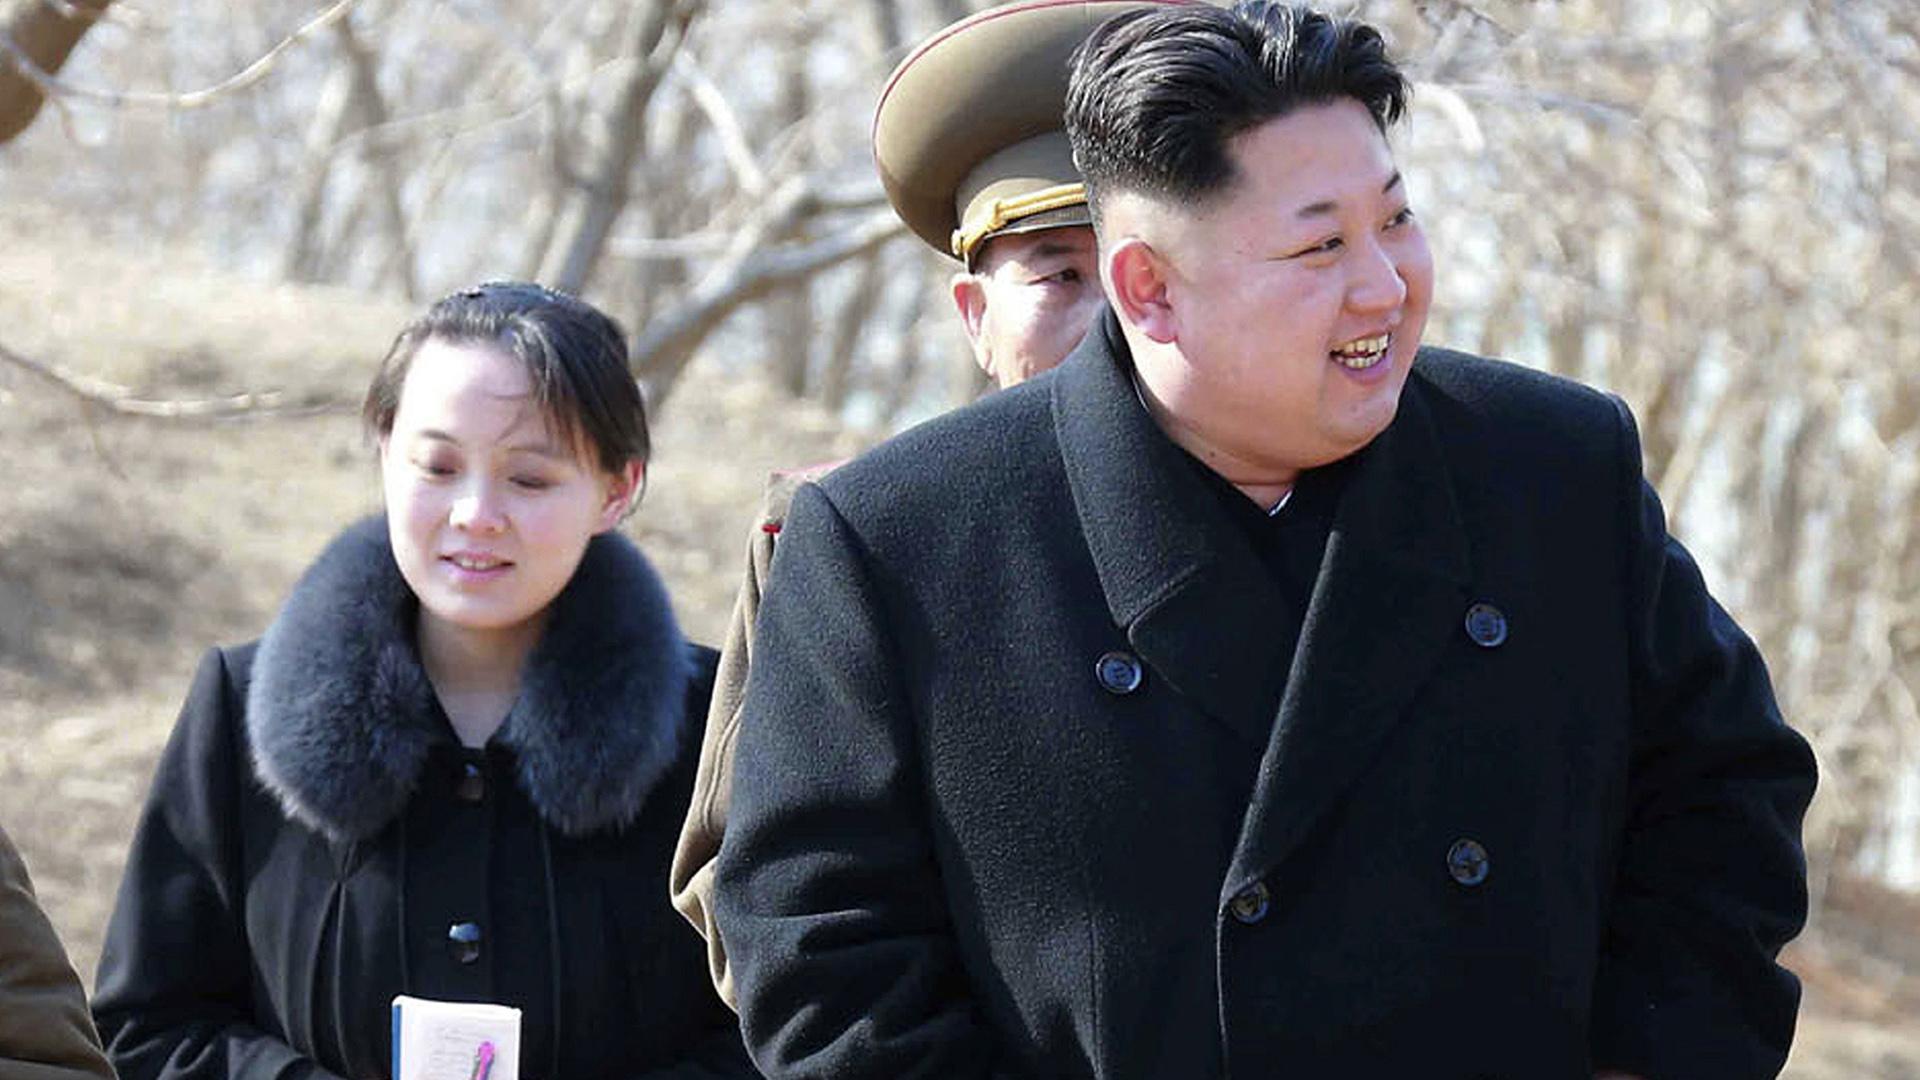 Oppning mellan japan och nordkorea